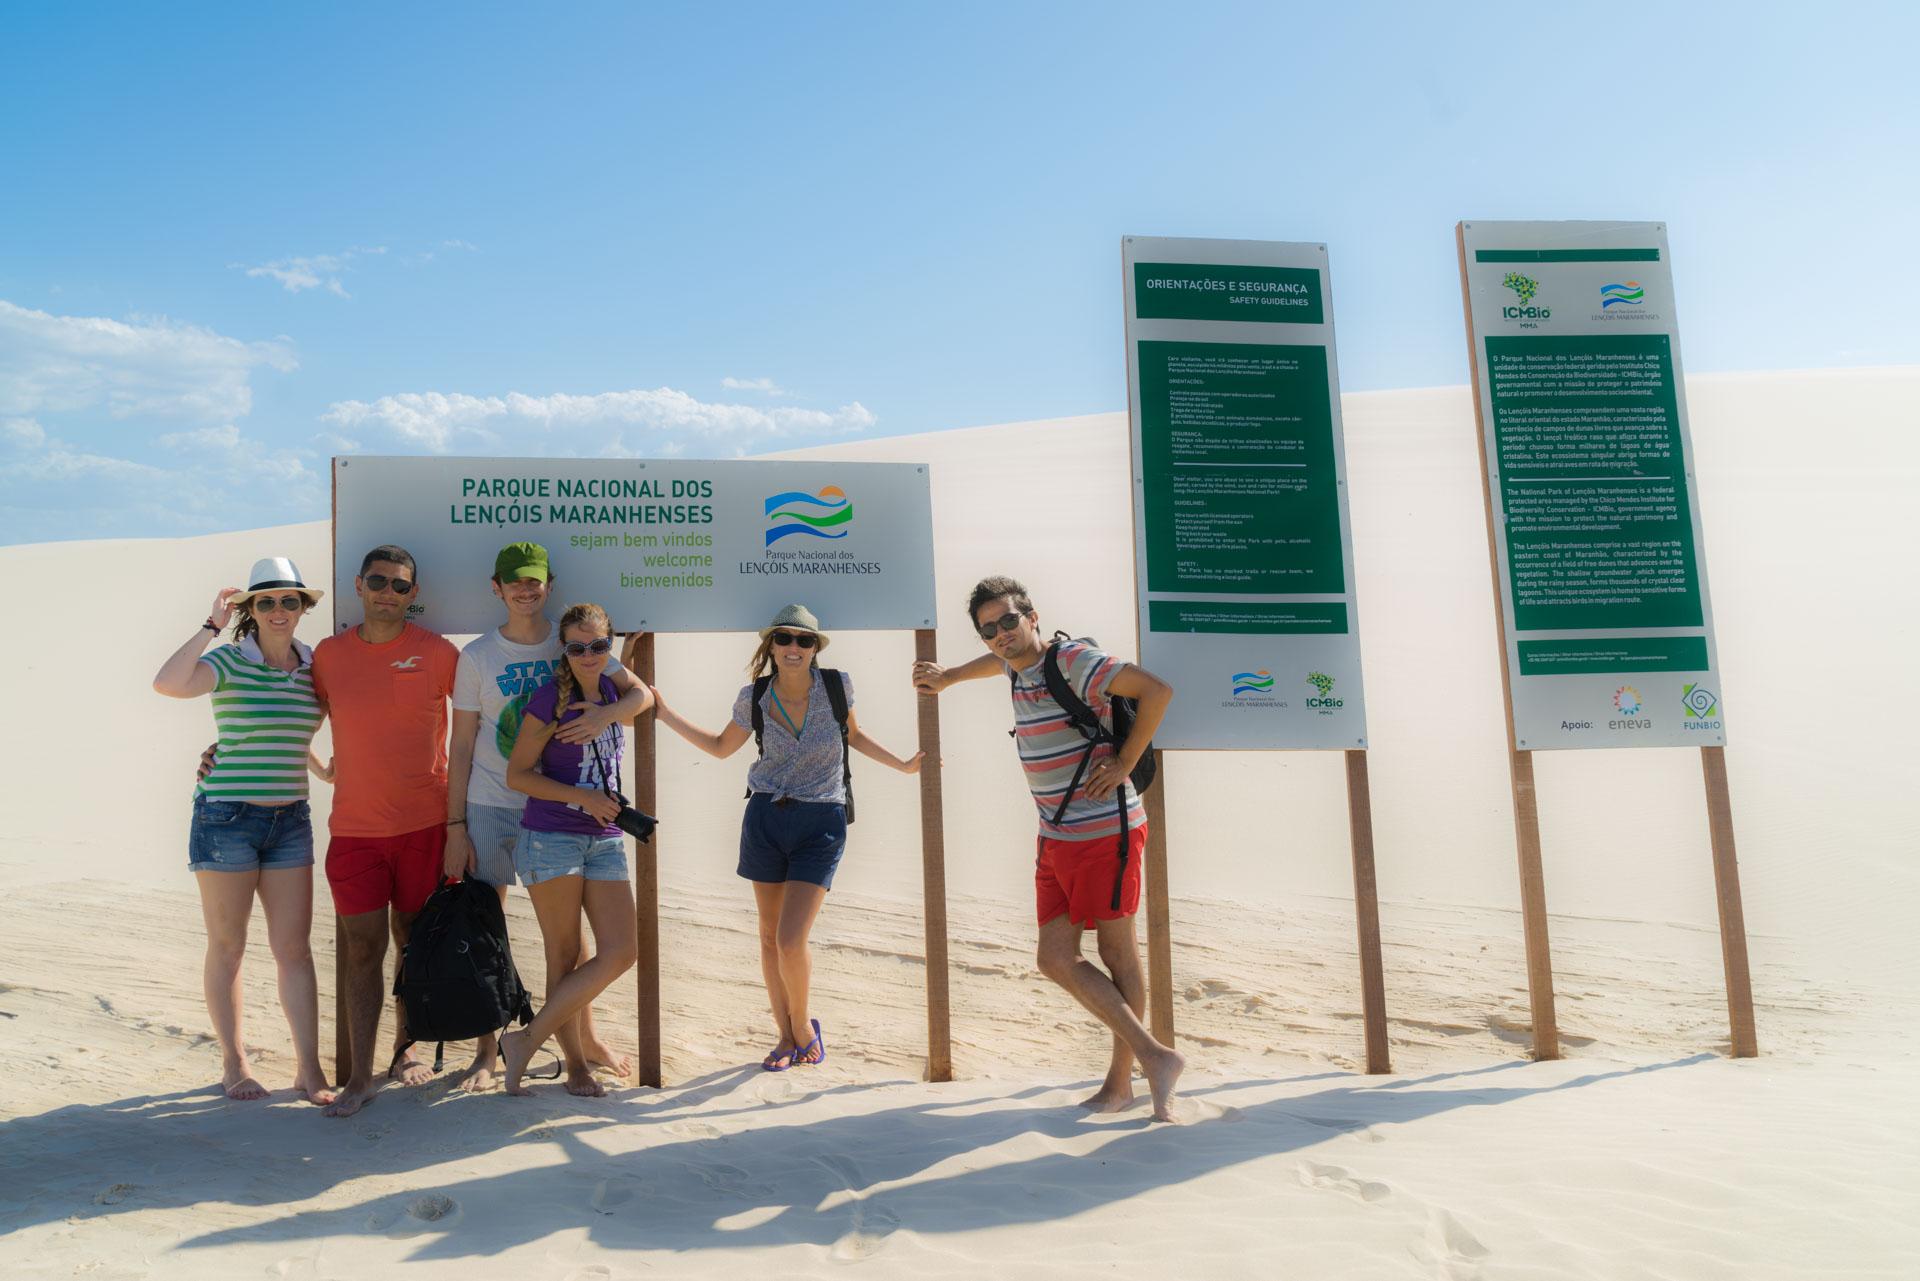 Lençóis Maranhenses National Park - Santo Amaro 2